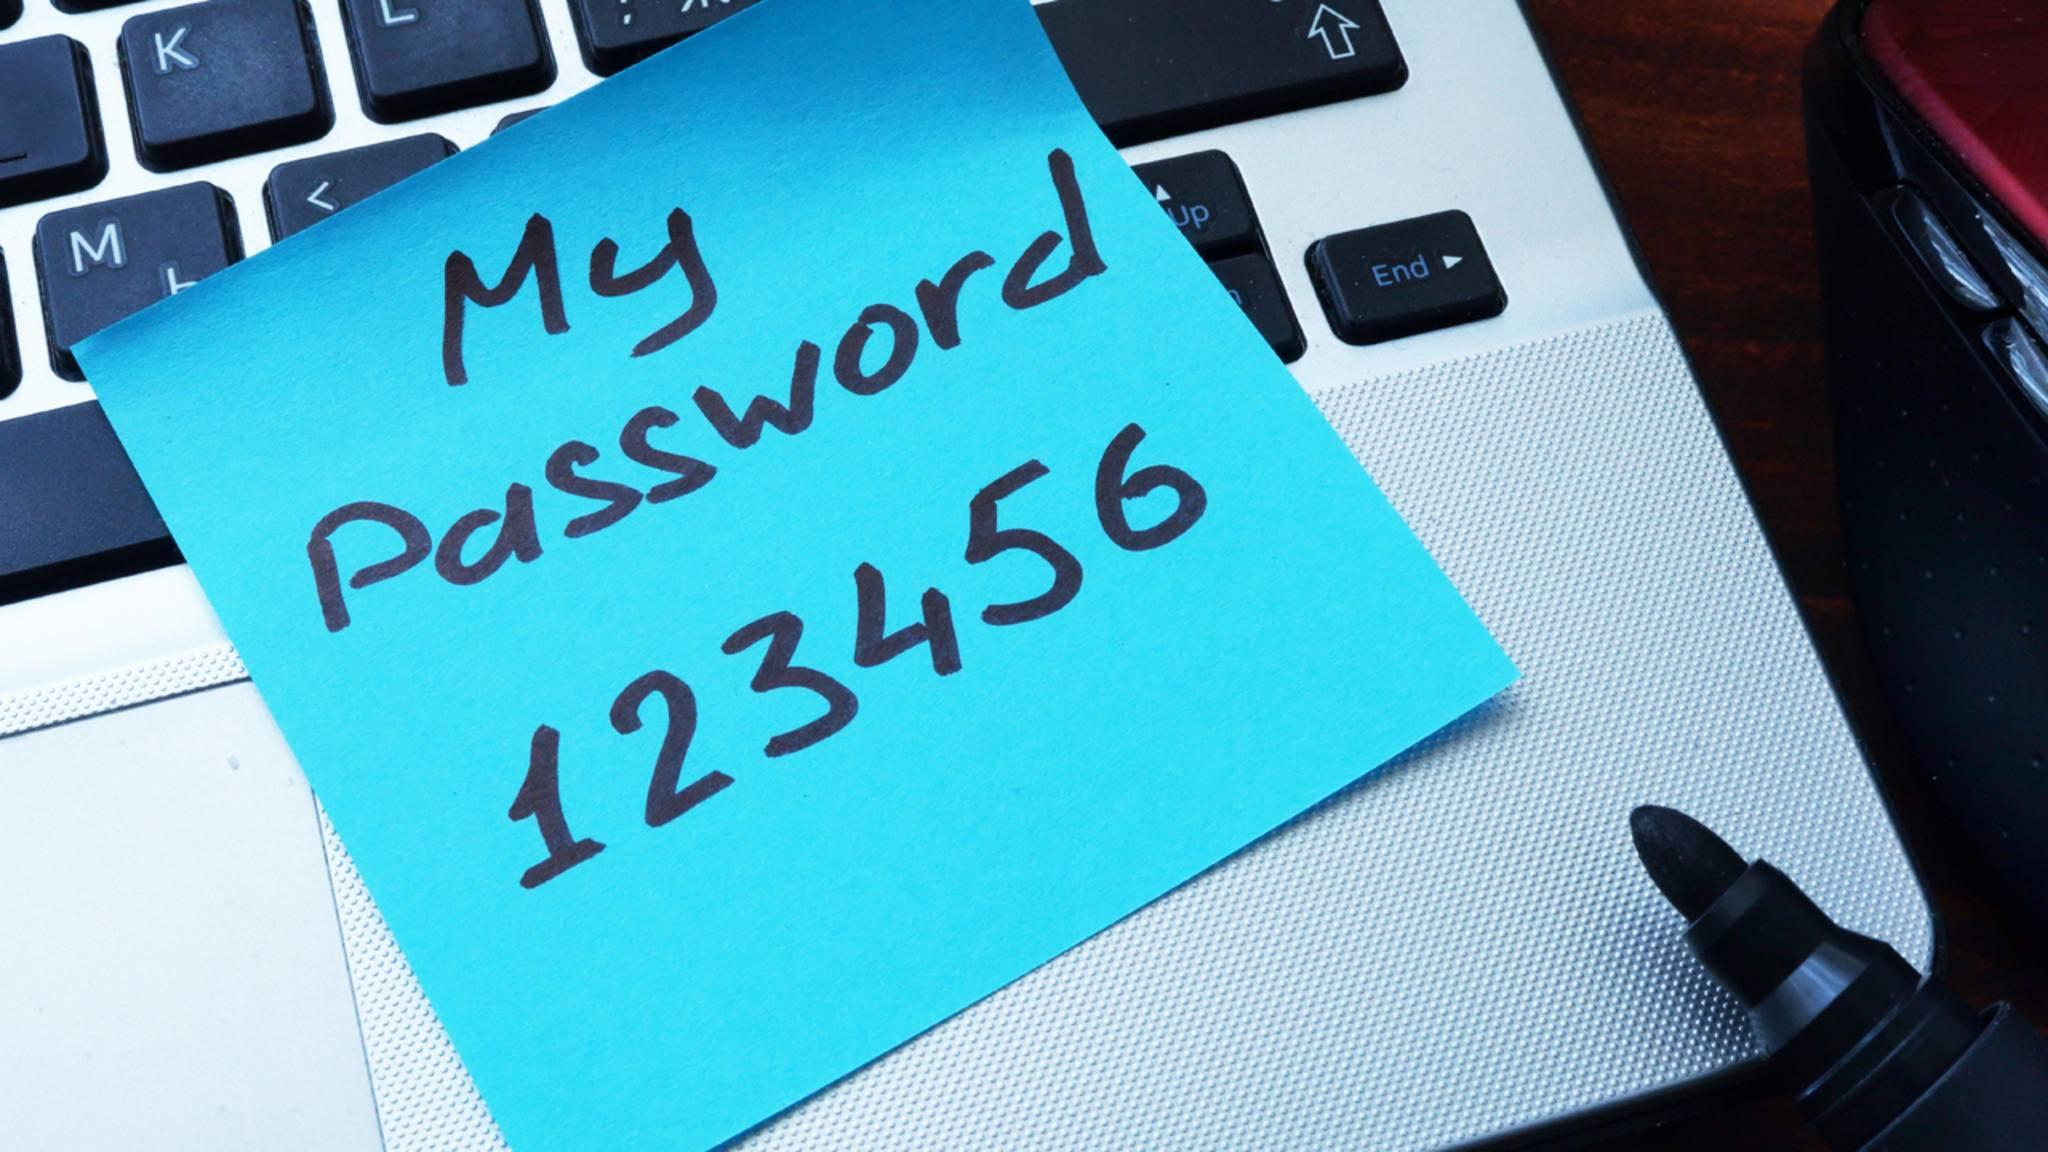 Webbrowser wir Chrome oder Safari weisen Dich auf unsichere Passwörter hin.